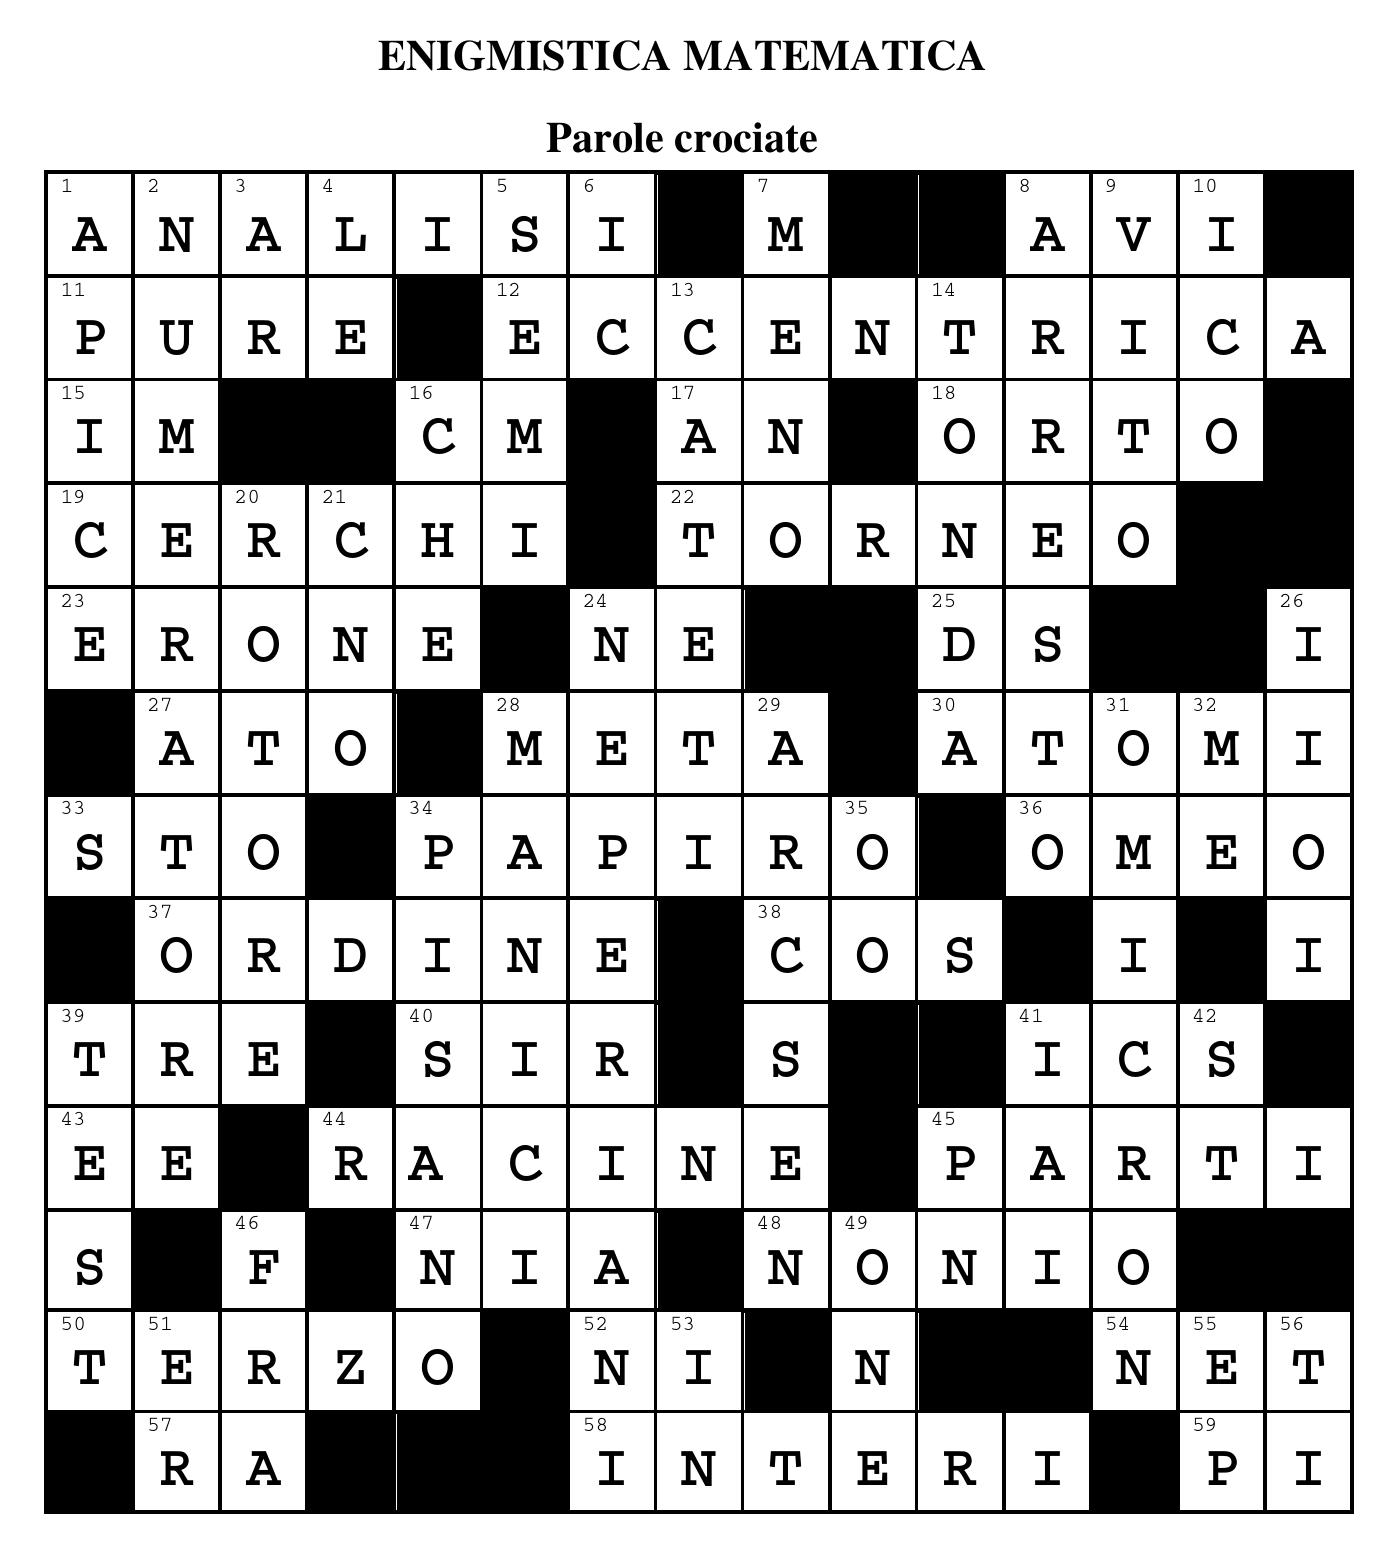 Enigmistica matematica – soluzioni dei giochi di Archimede 1/2020